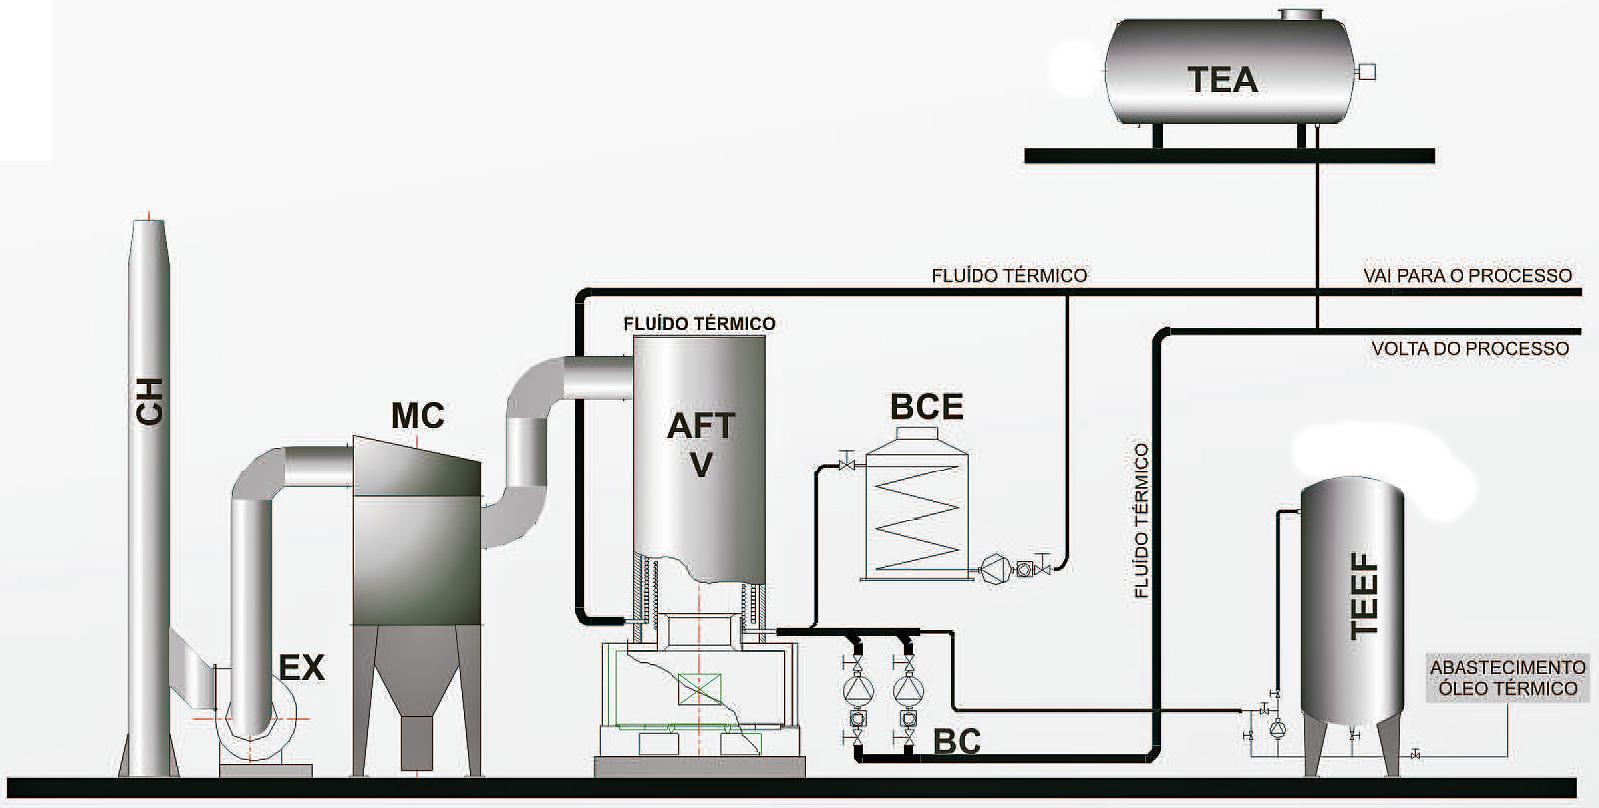 Sistema de Aquecedor de Flúido Térmico AFT